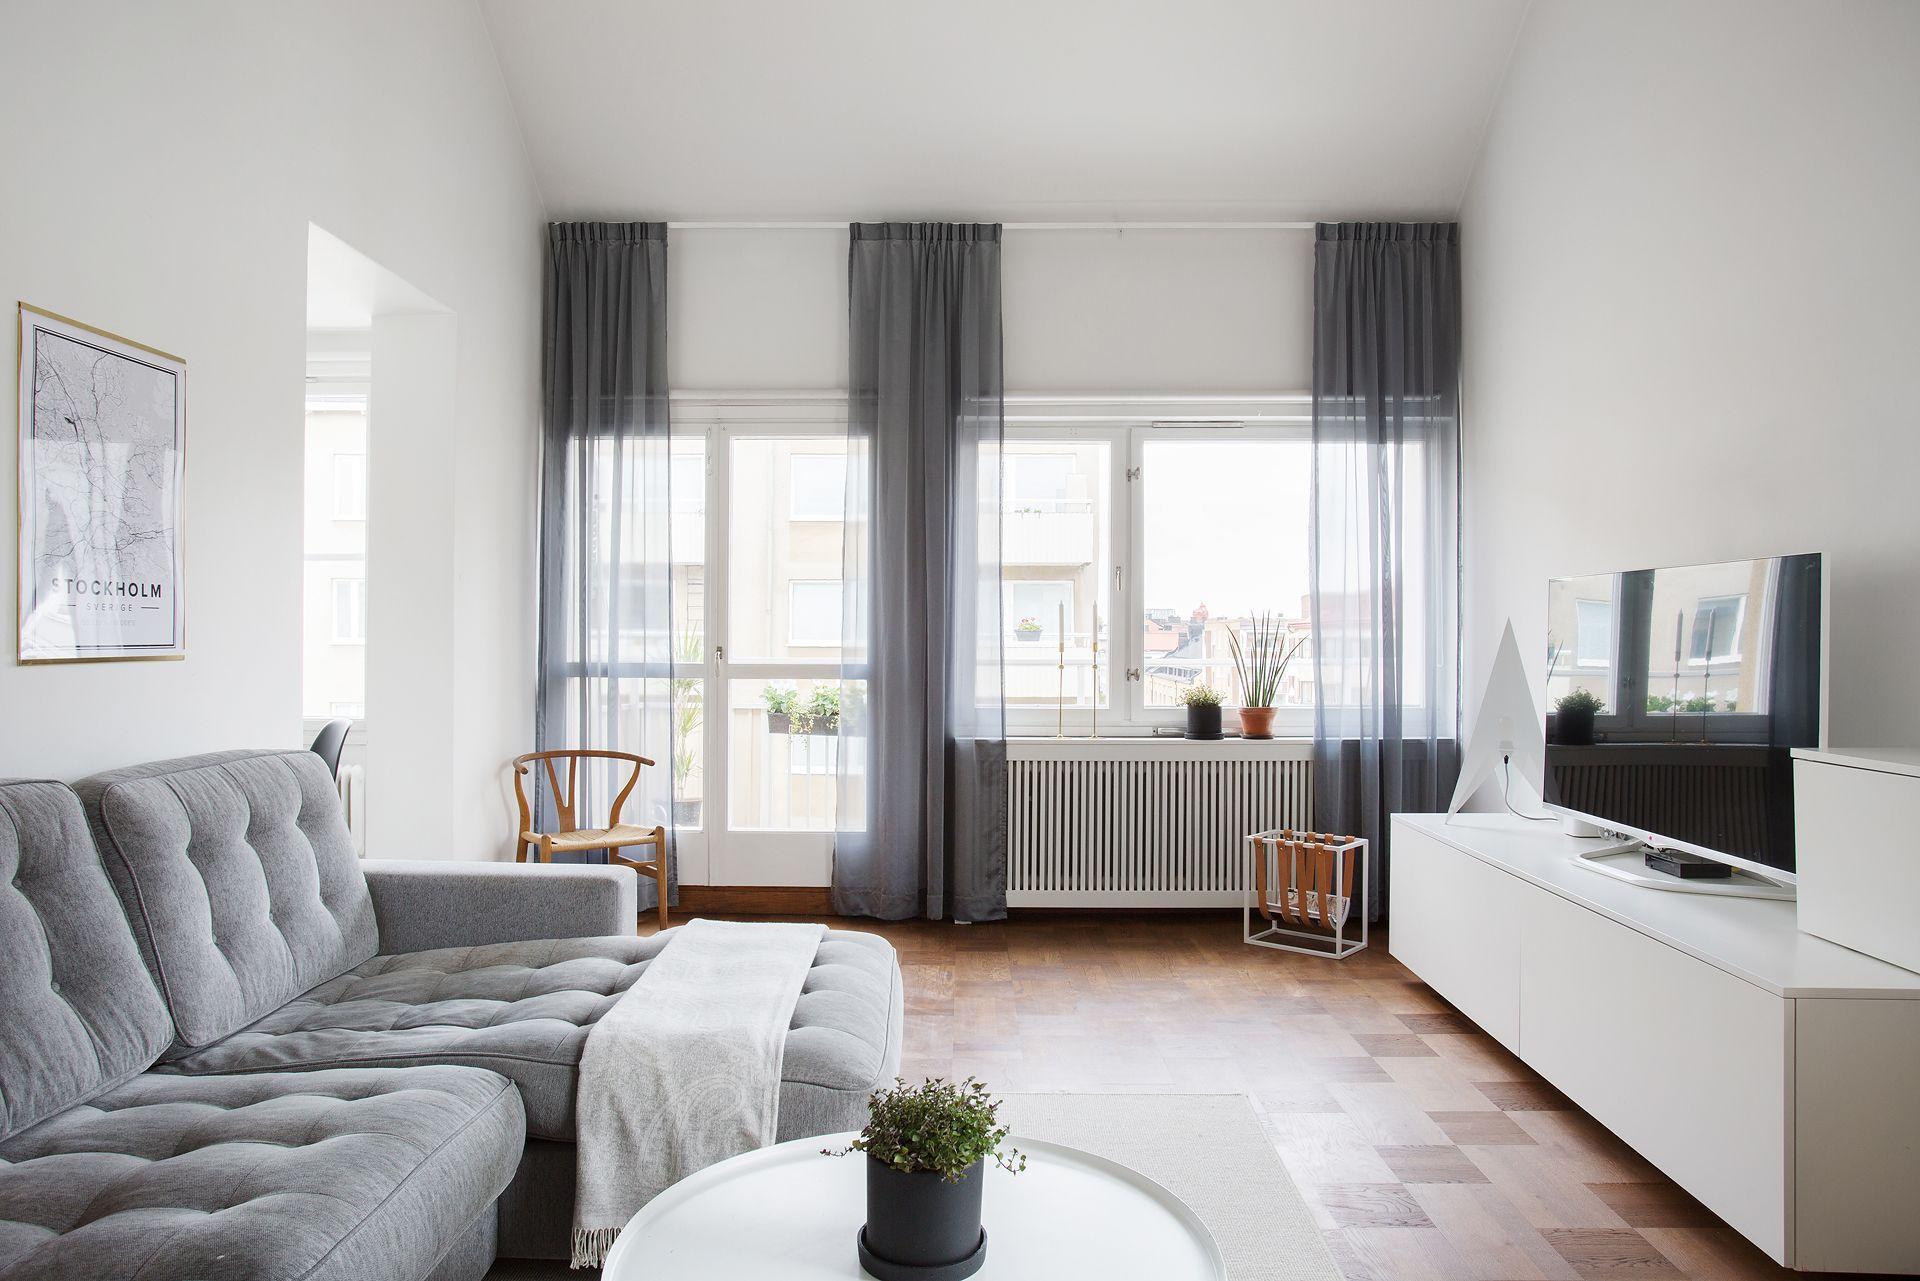 pengar vit doggy stil i Stockholm